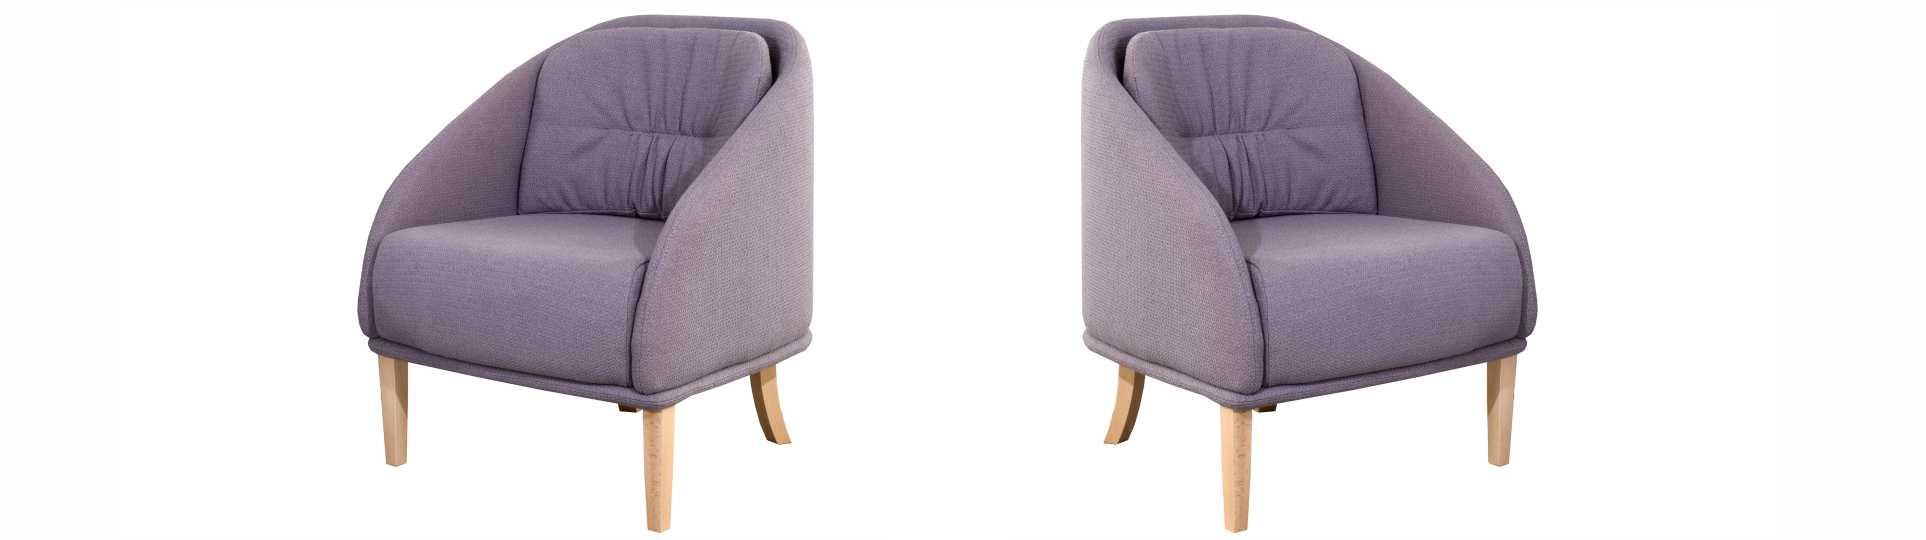 Севен фотелја